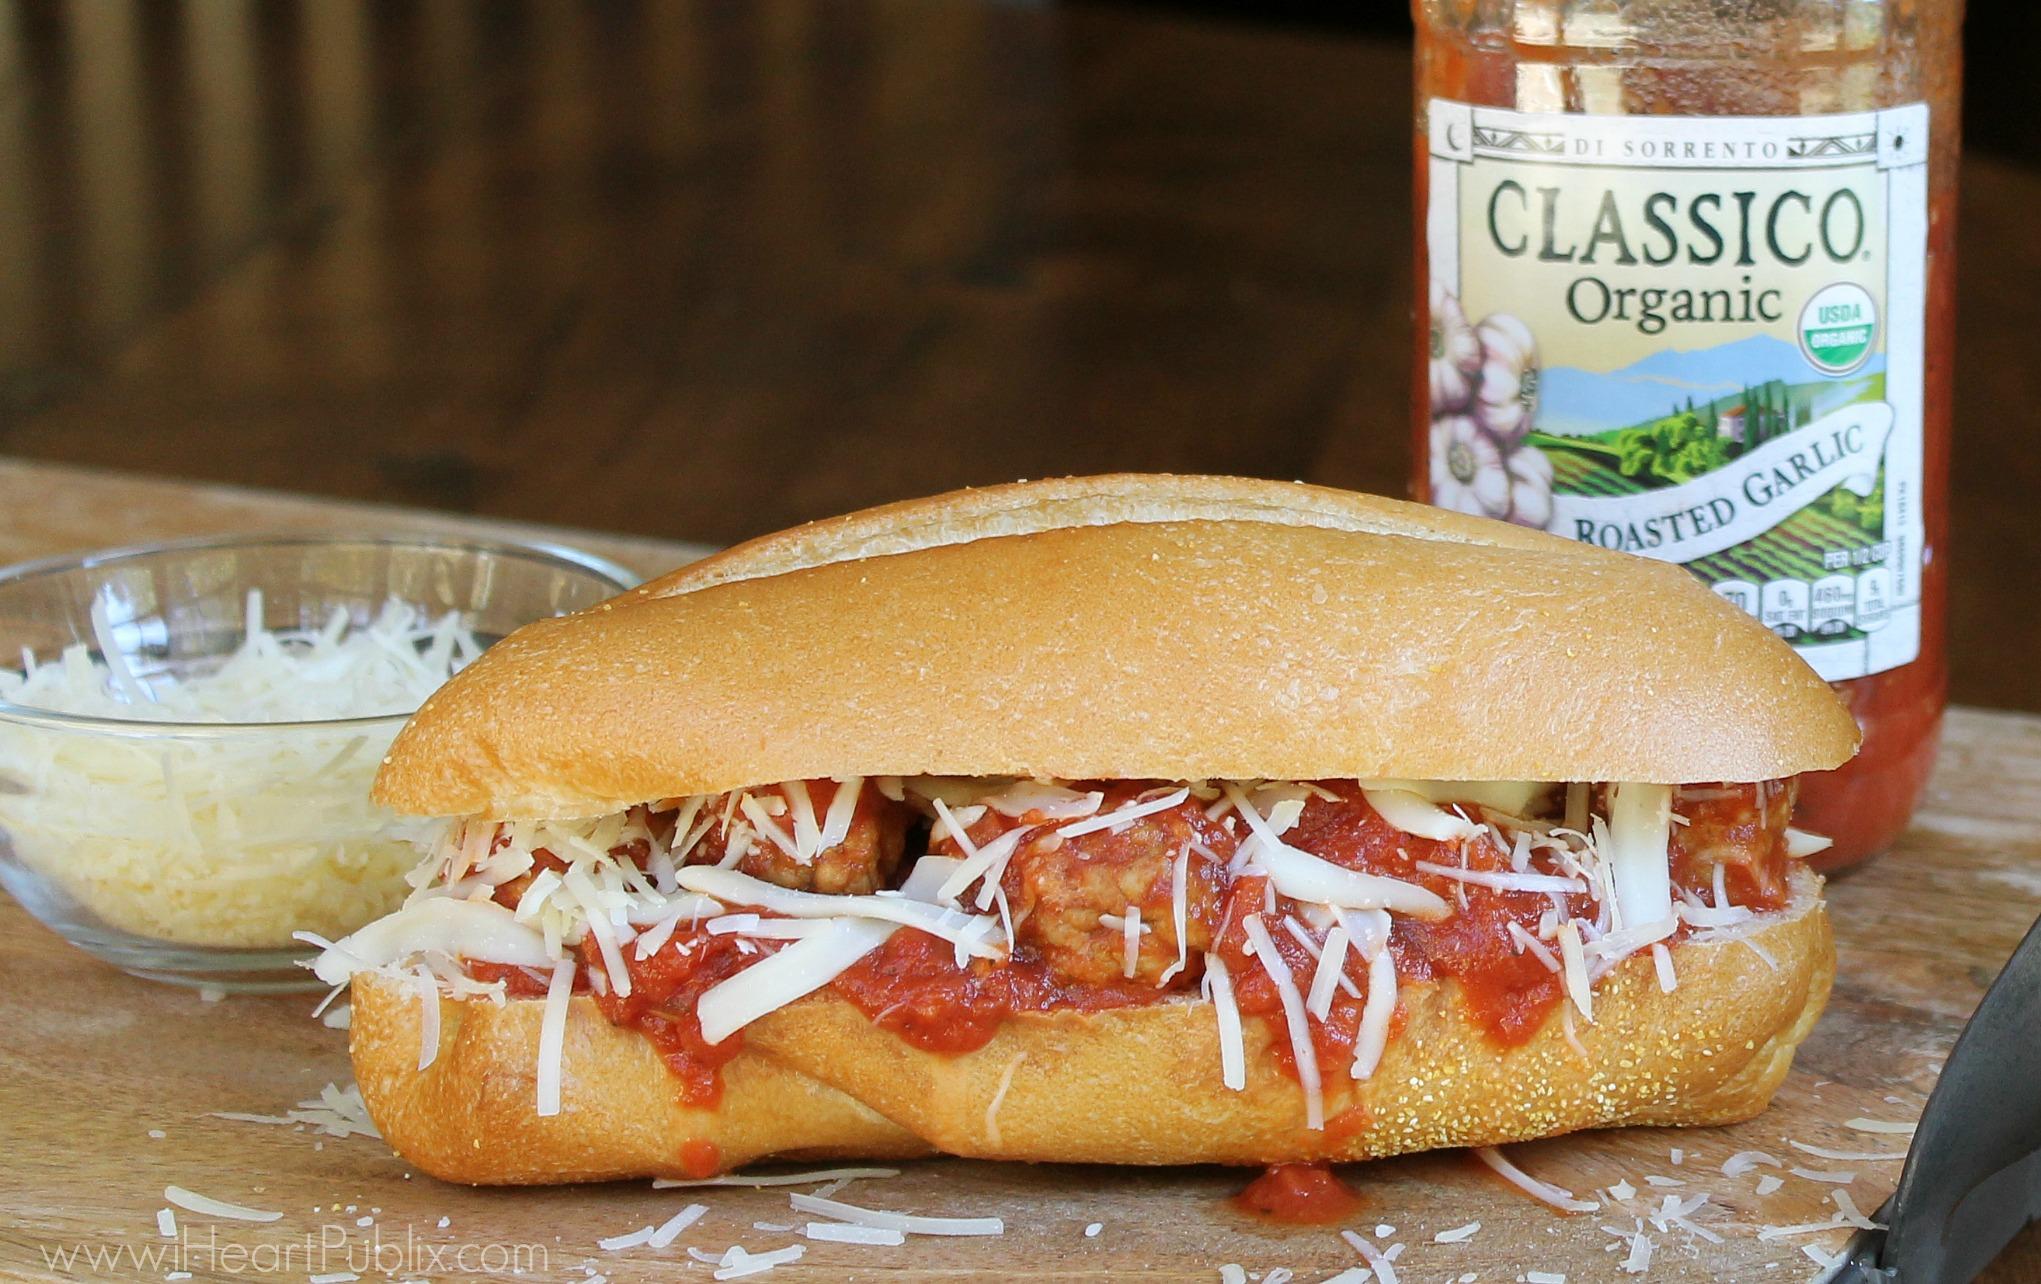 Sandwich mode sale